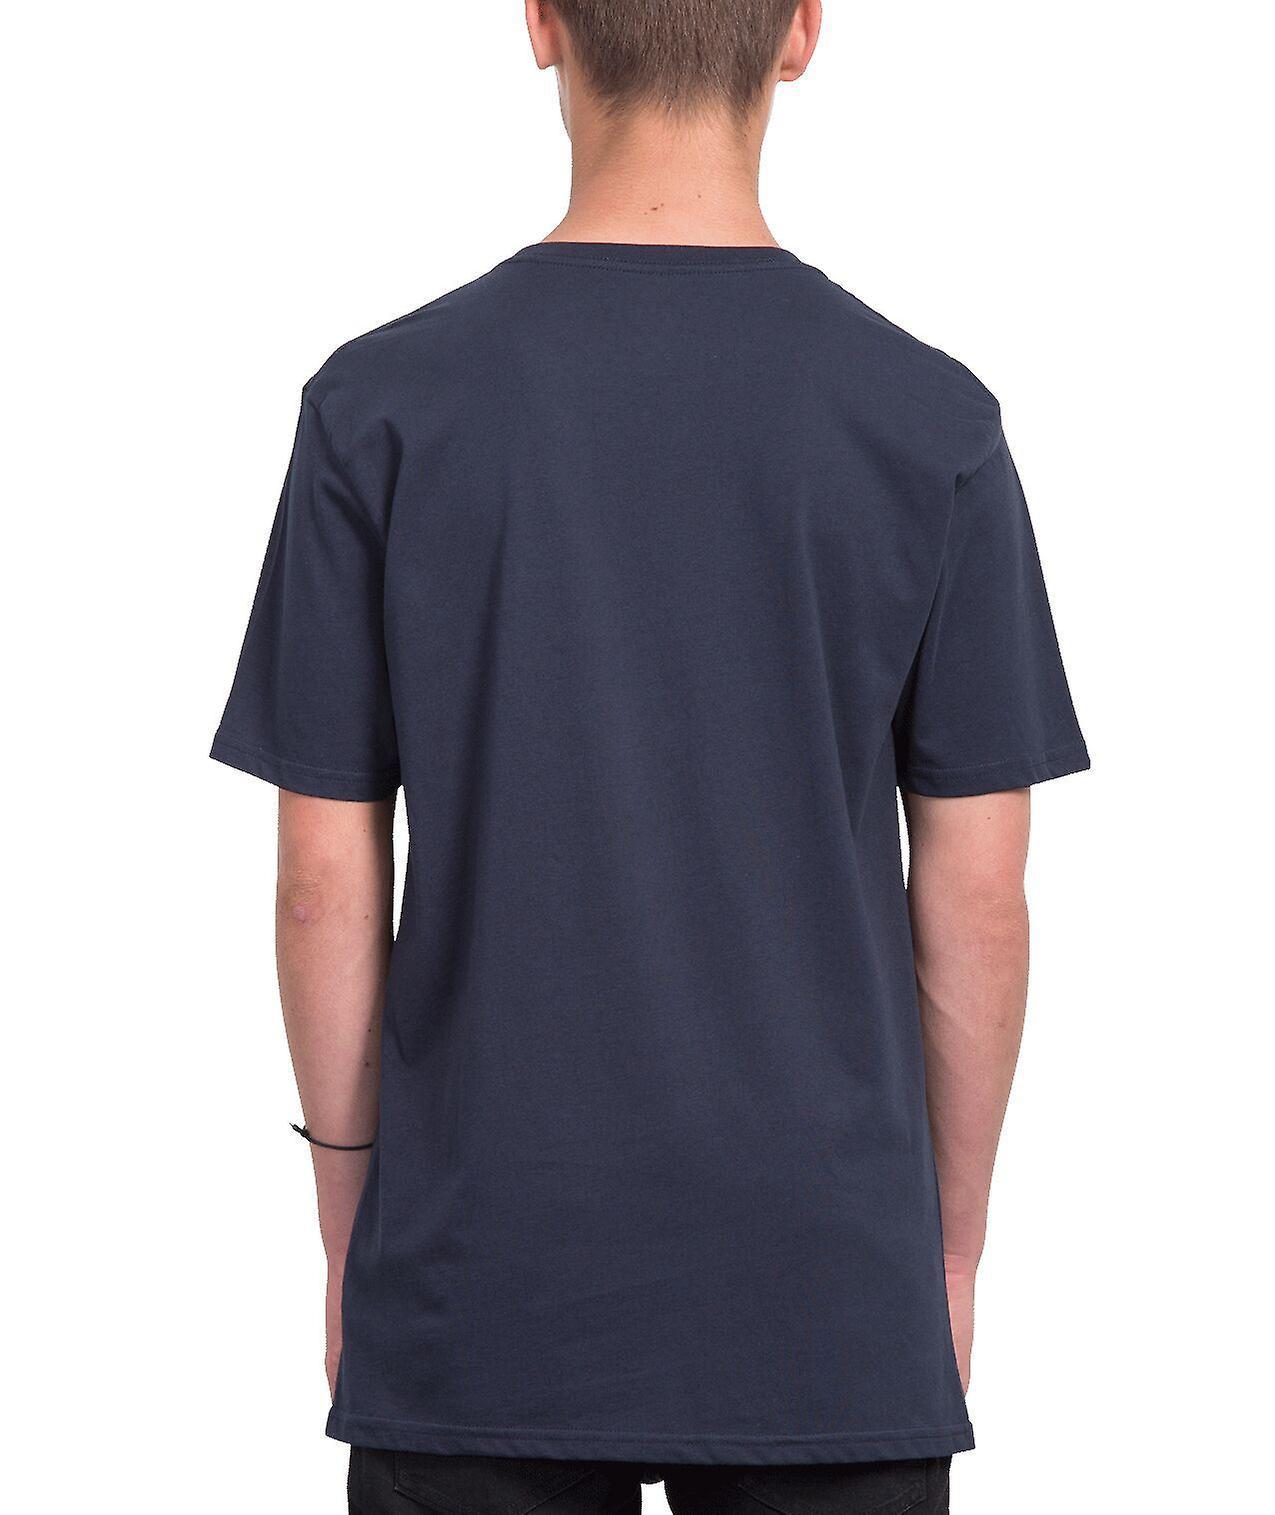 Volcom Men's T-Shirt ~ Crisp Stone navy